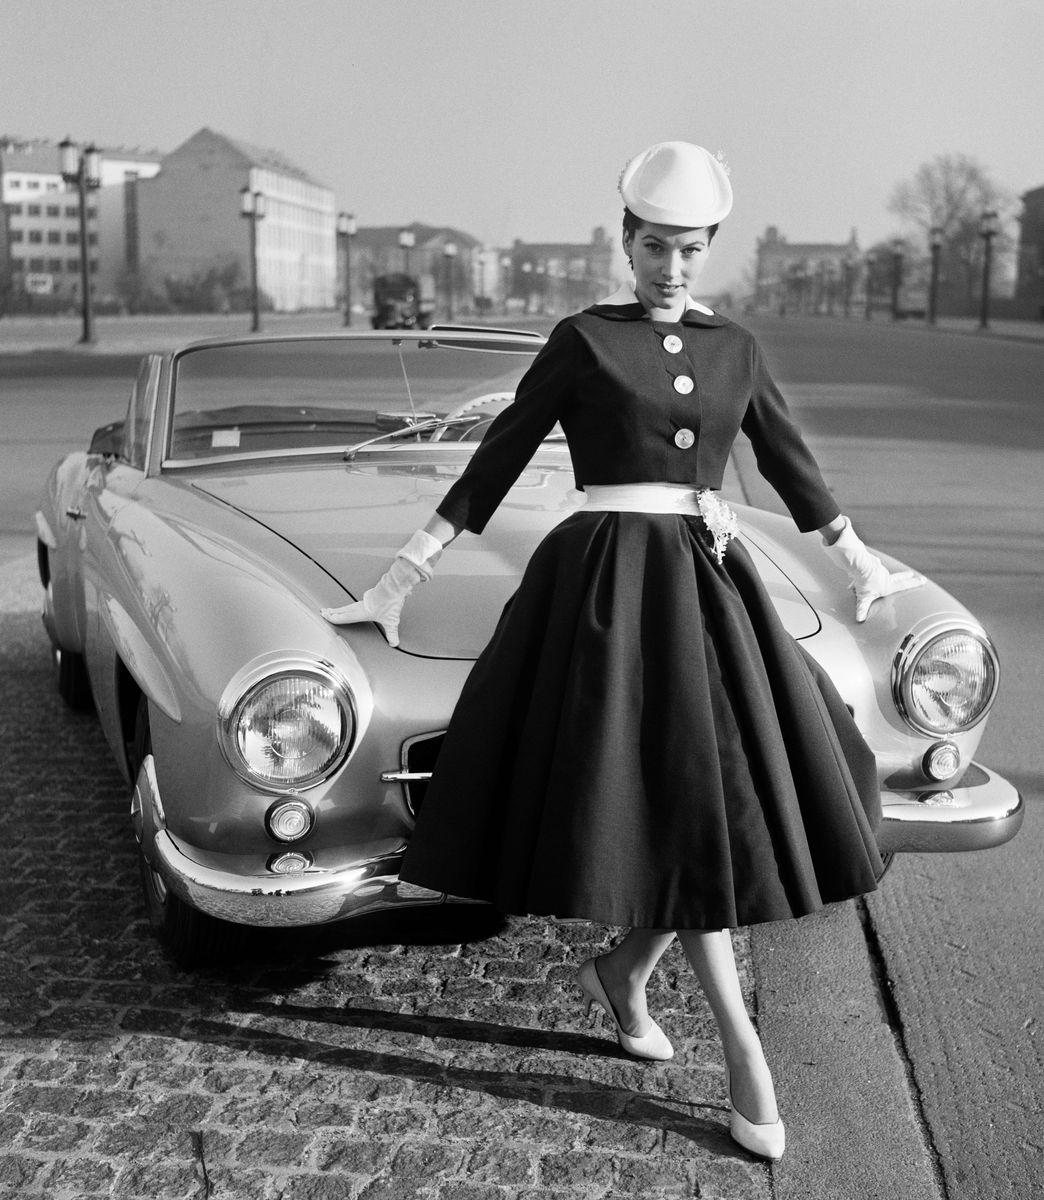 F.C. Gundlach: Die Modelinie von Staebe-Seger. Püppi Döhler auf der Bismarckstraße (Straße des 17. Juni), Berlin 1956 © Stiftung F.C. Gundlach